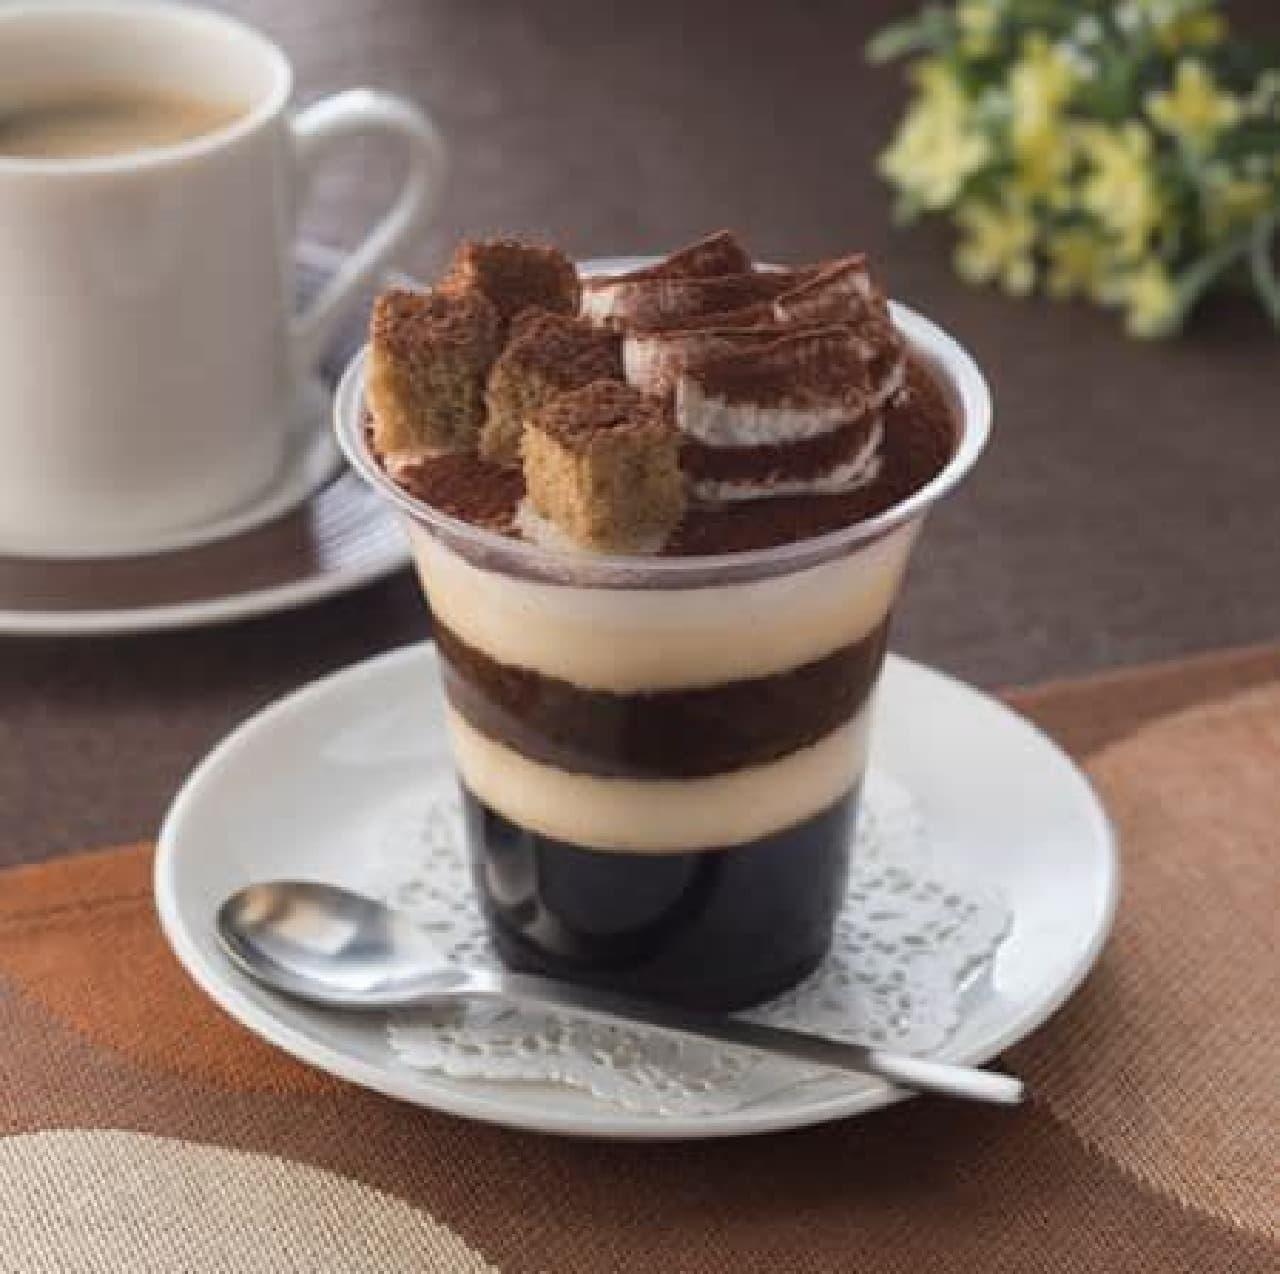 ファミリーマート「ブラジル産コーヒー使用 ティラミスパフェ」